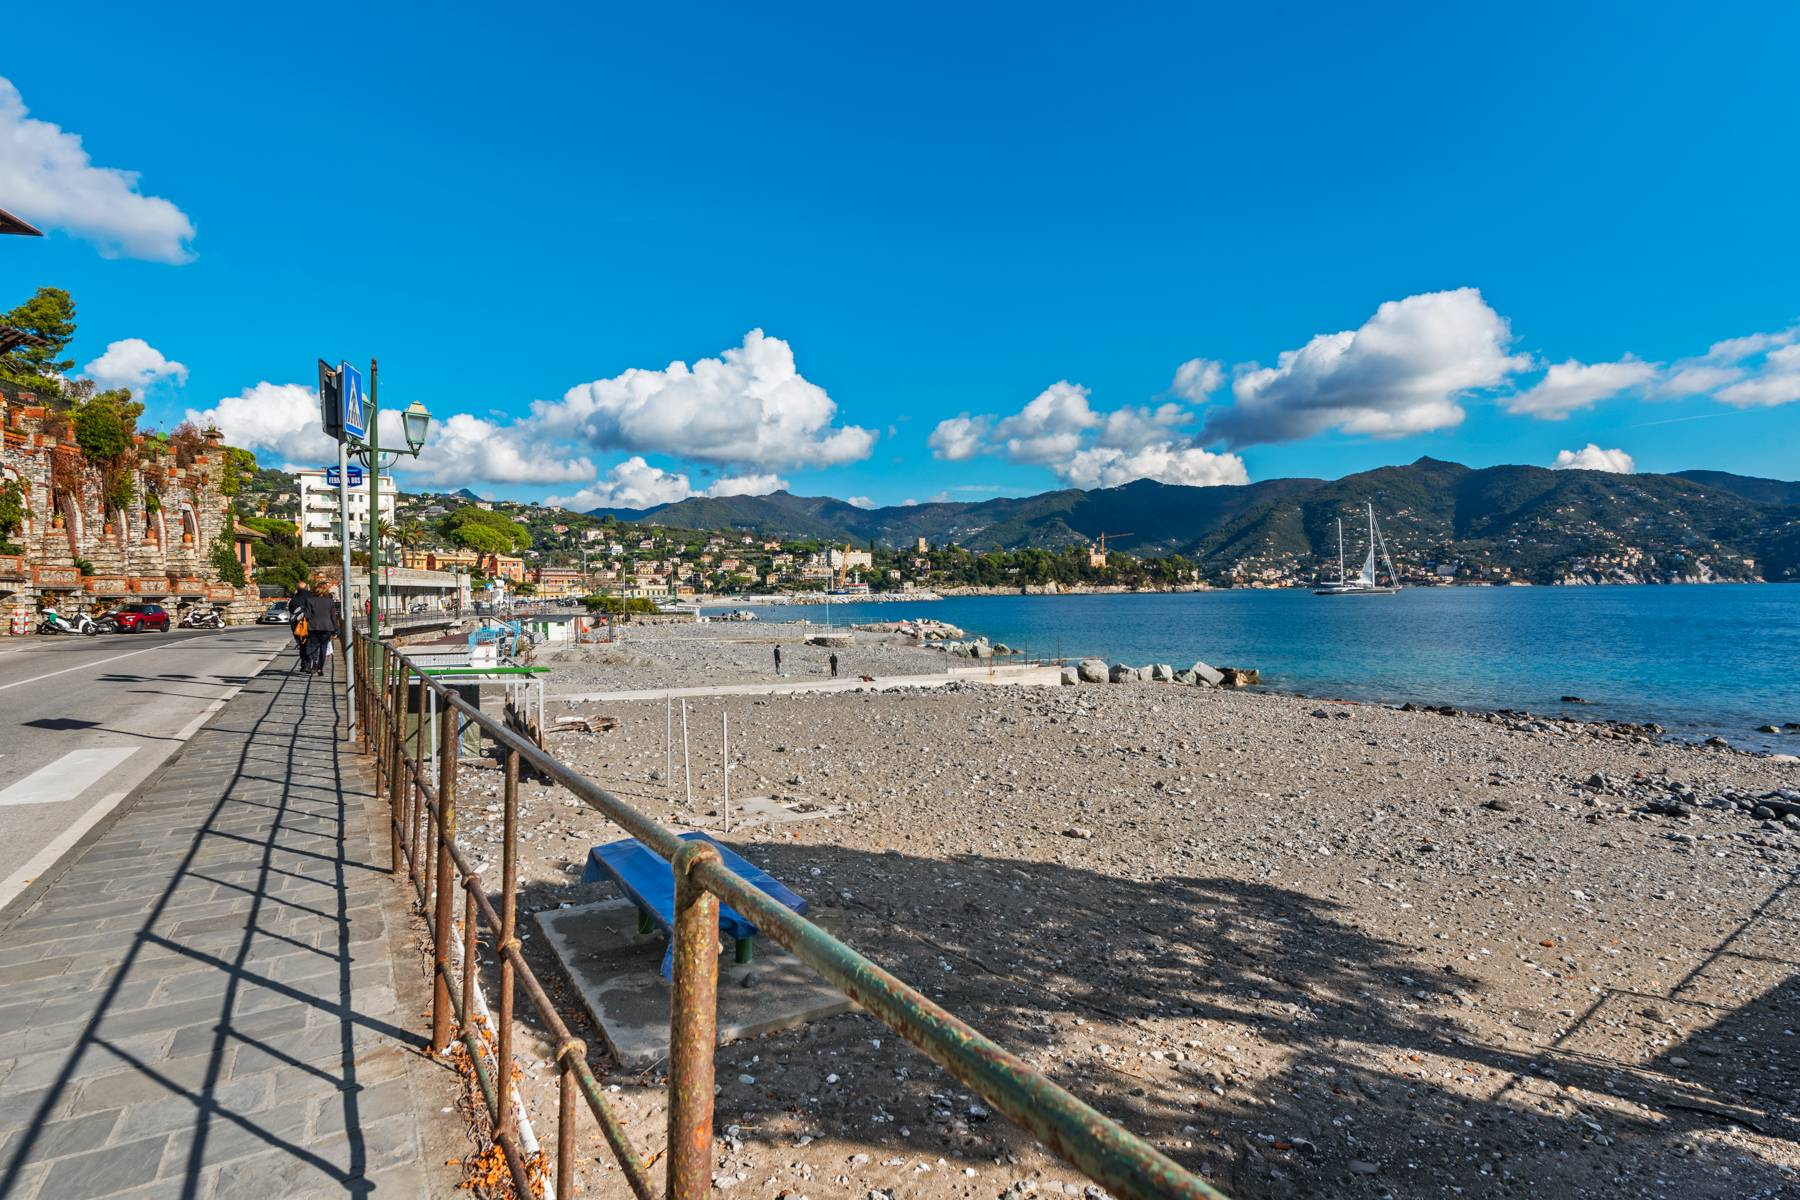 Appartamento in Vendita a Santa Margherita Ligure: 5 locali, 120 mq - Foto 2